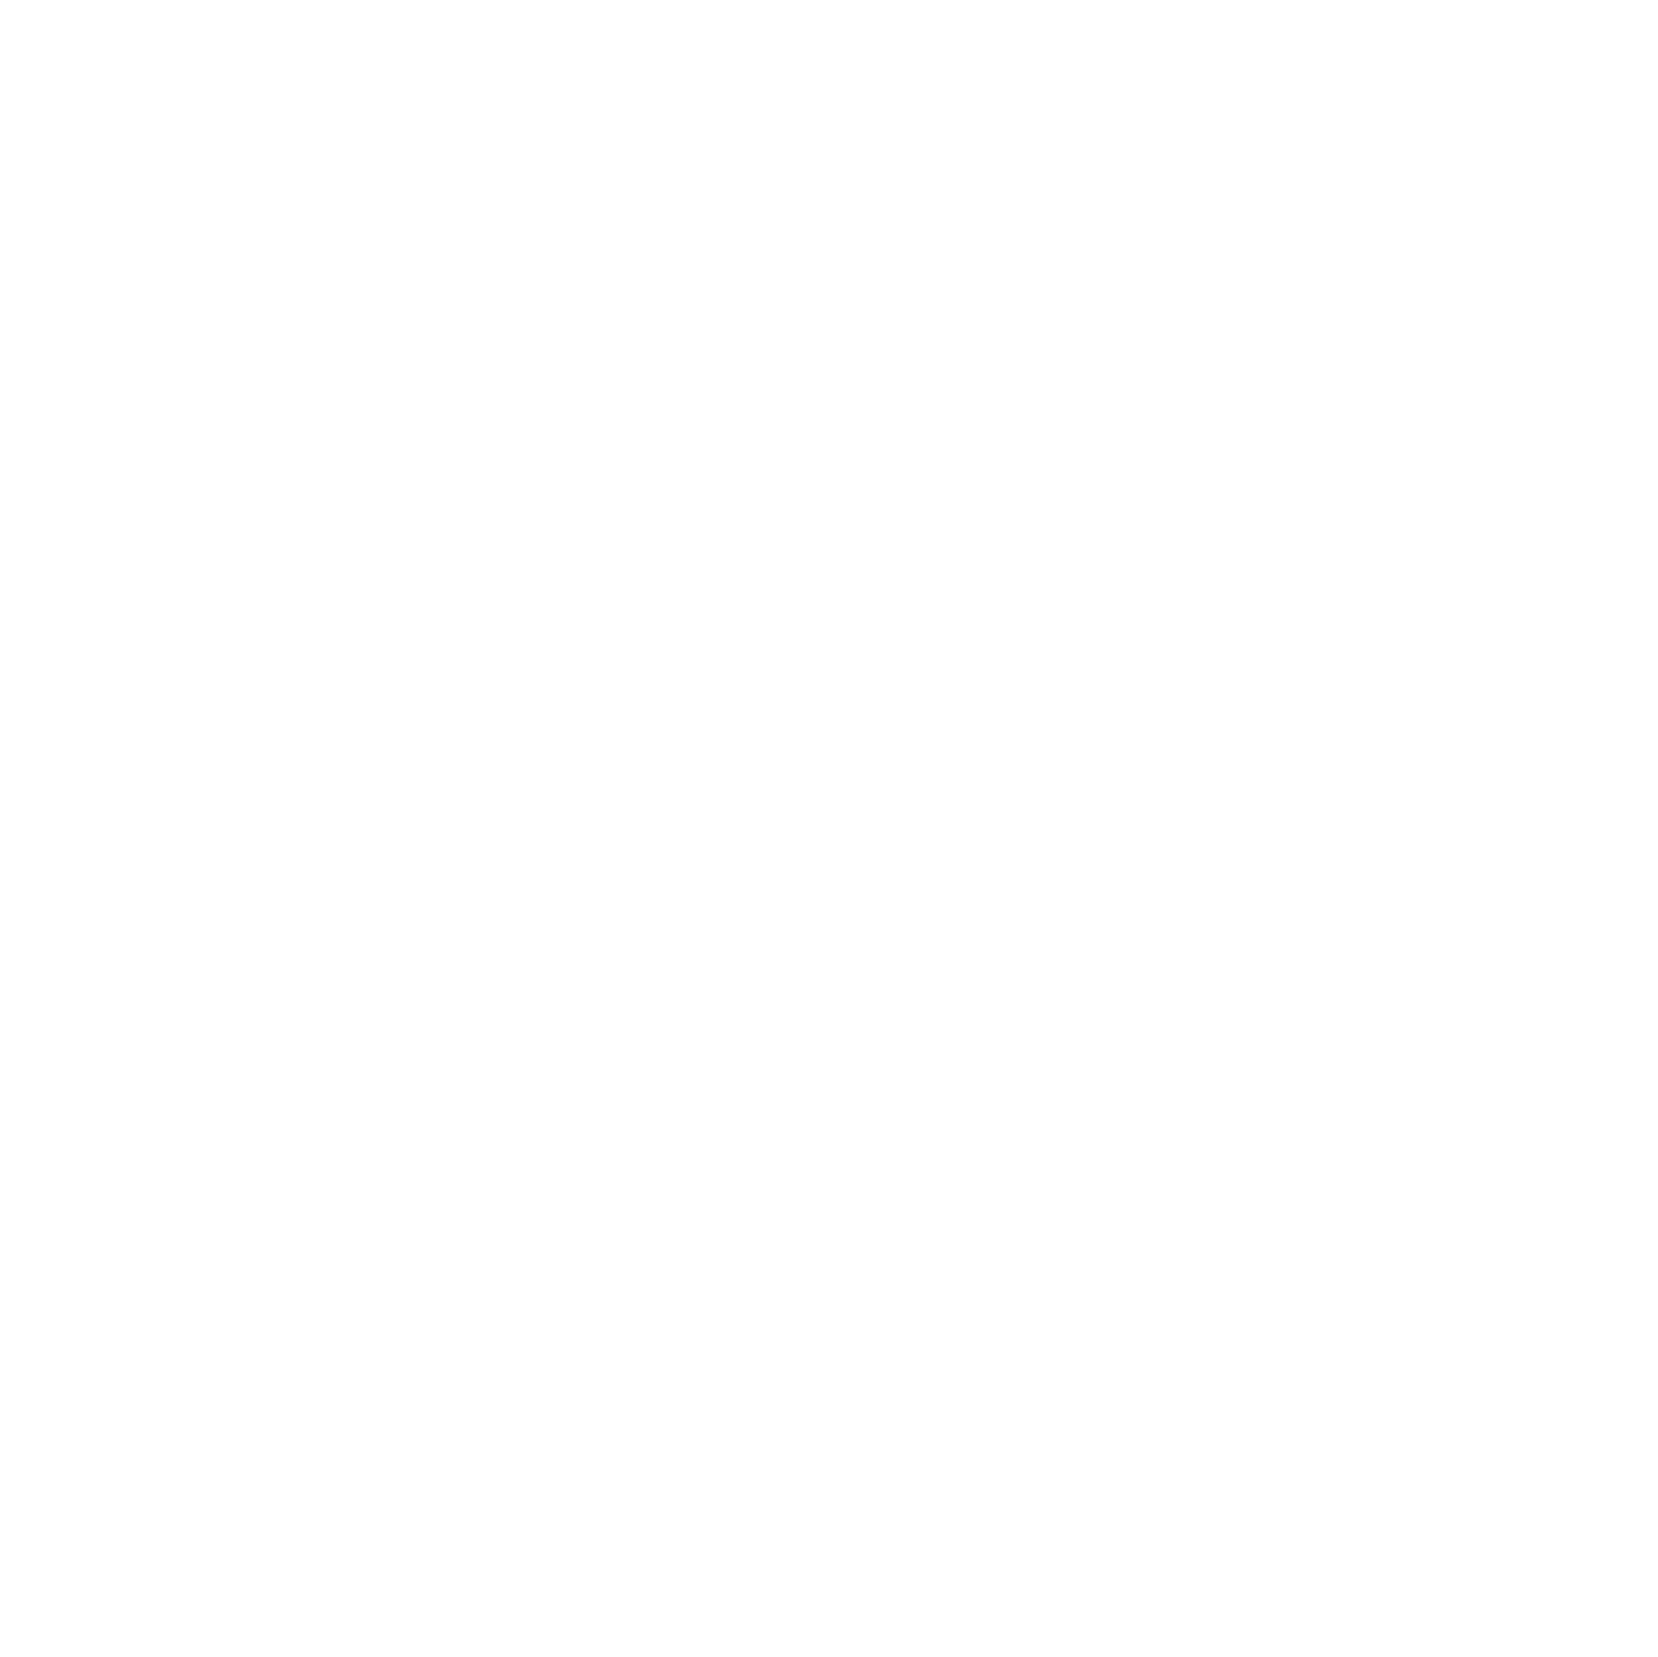 DayTripster App